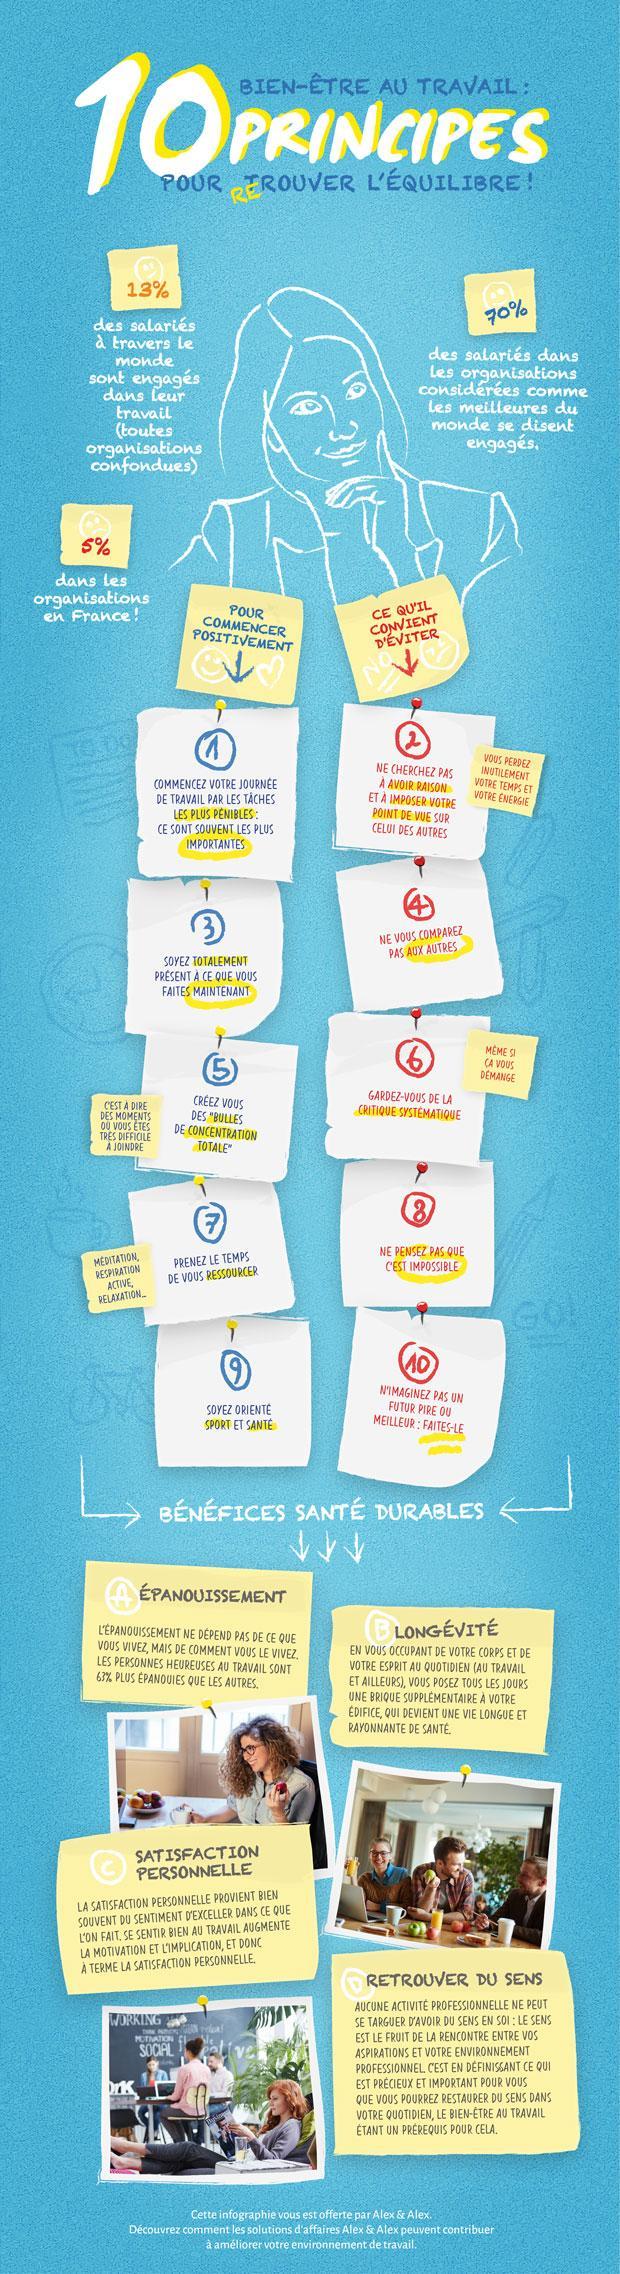 Bien-être au travail : 10 principes pour (re)trouver l'équilibre